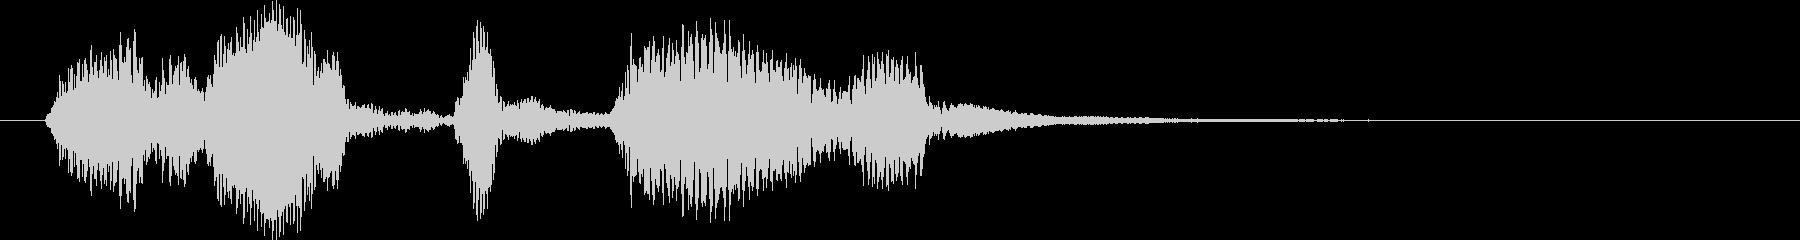 ドゥビドゥバ~陽気なスキャット風ジングルの未再生の波形